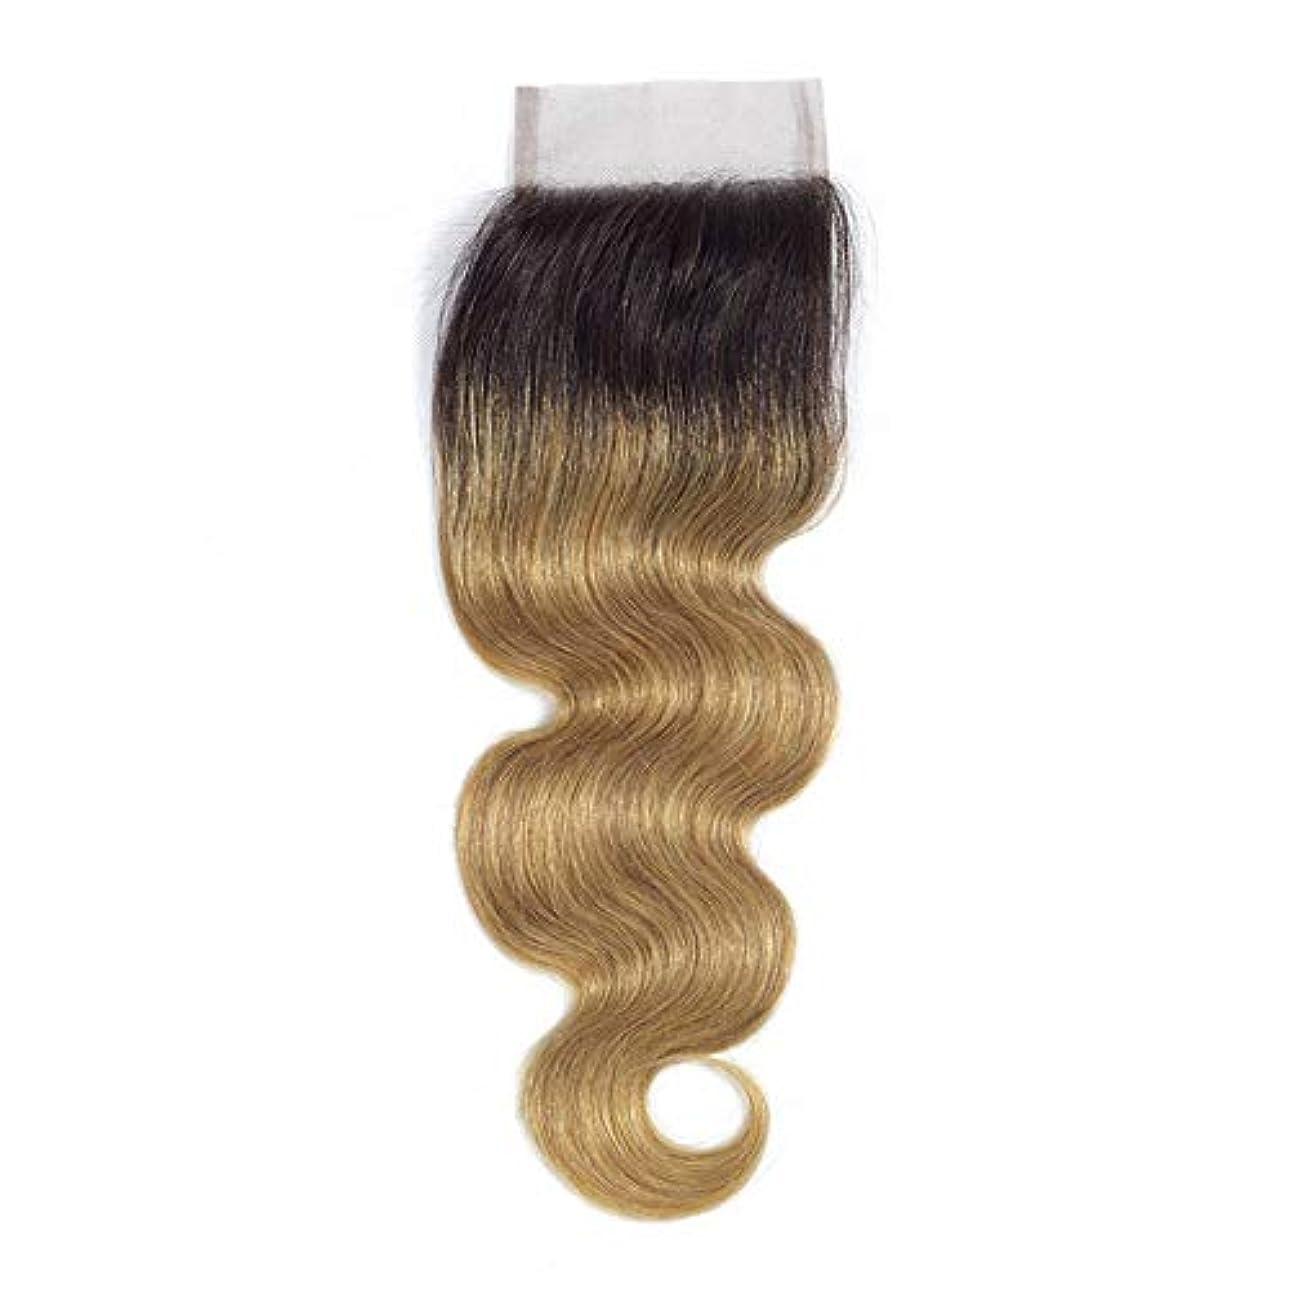 追加するピック大混乱WASAIO オンブルボディウェーブ人間の髪ブラックライトブラウン拡張クリップ裏地なし髪型2トーン色フリーパート4x4のレースの正面閉鎖へ (色 : ブラウン, サイズ : 10 inch)